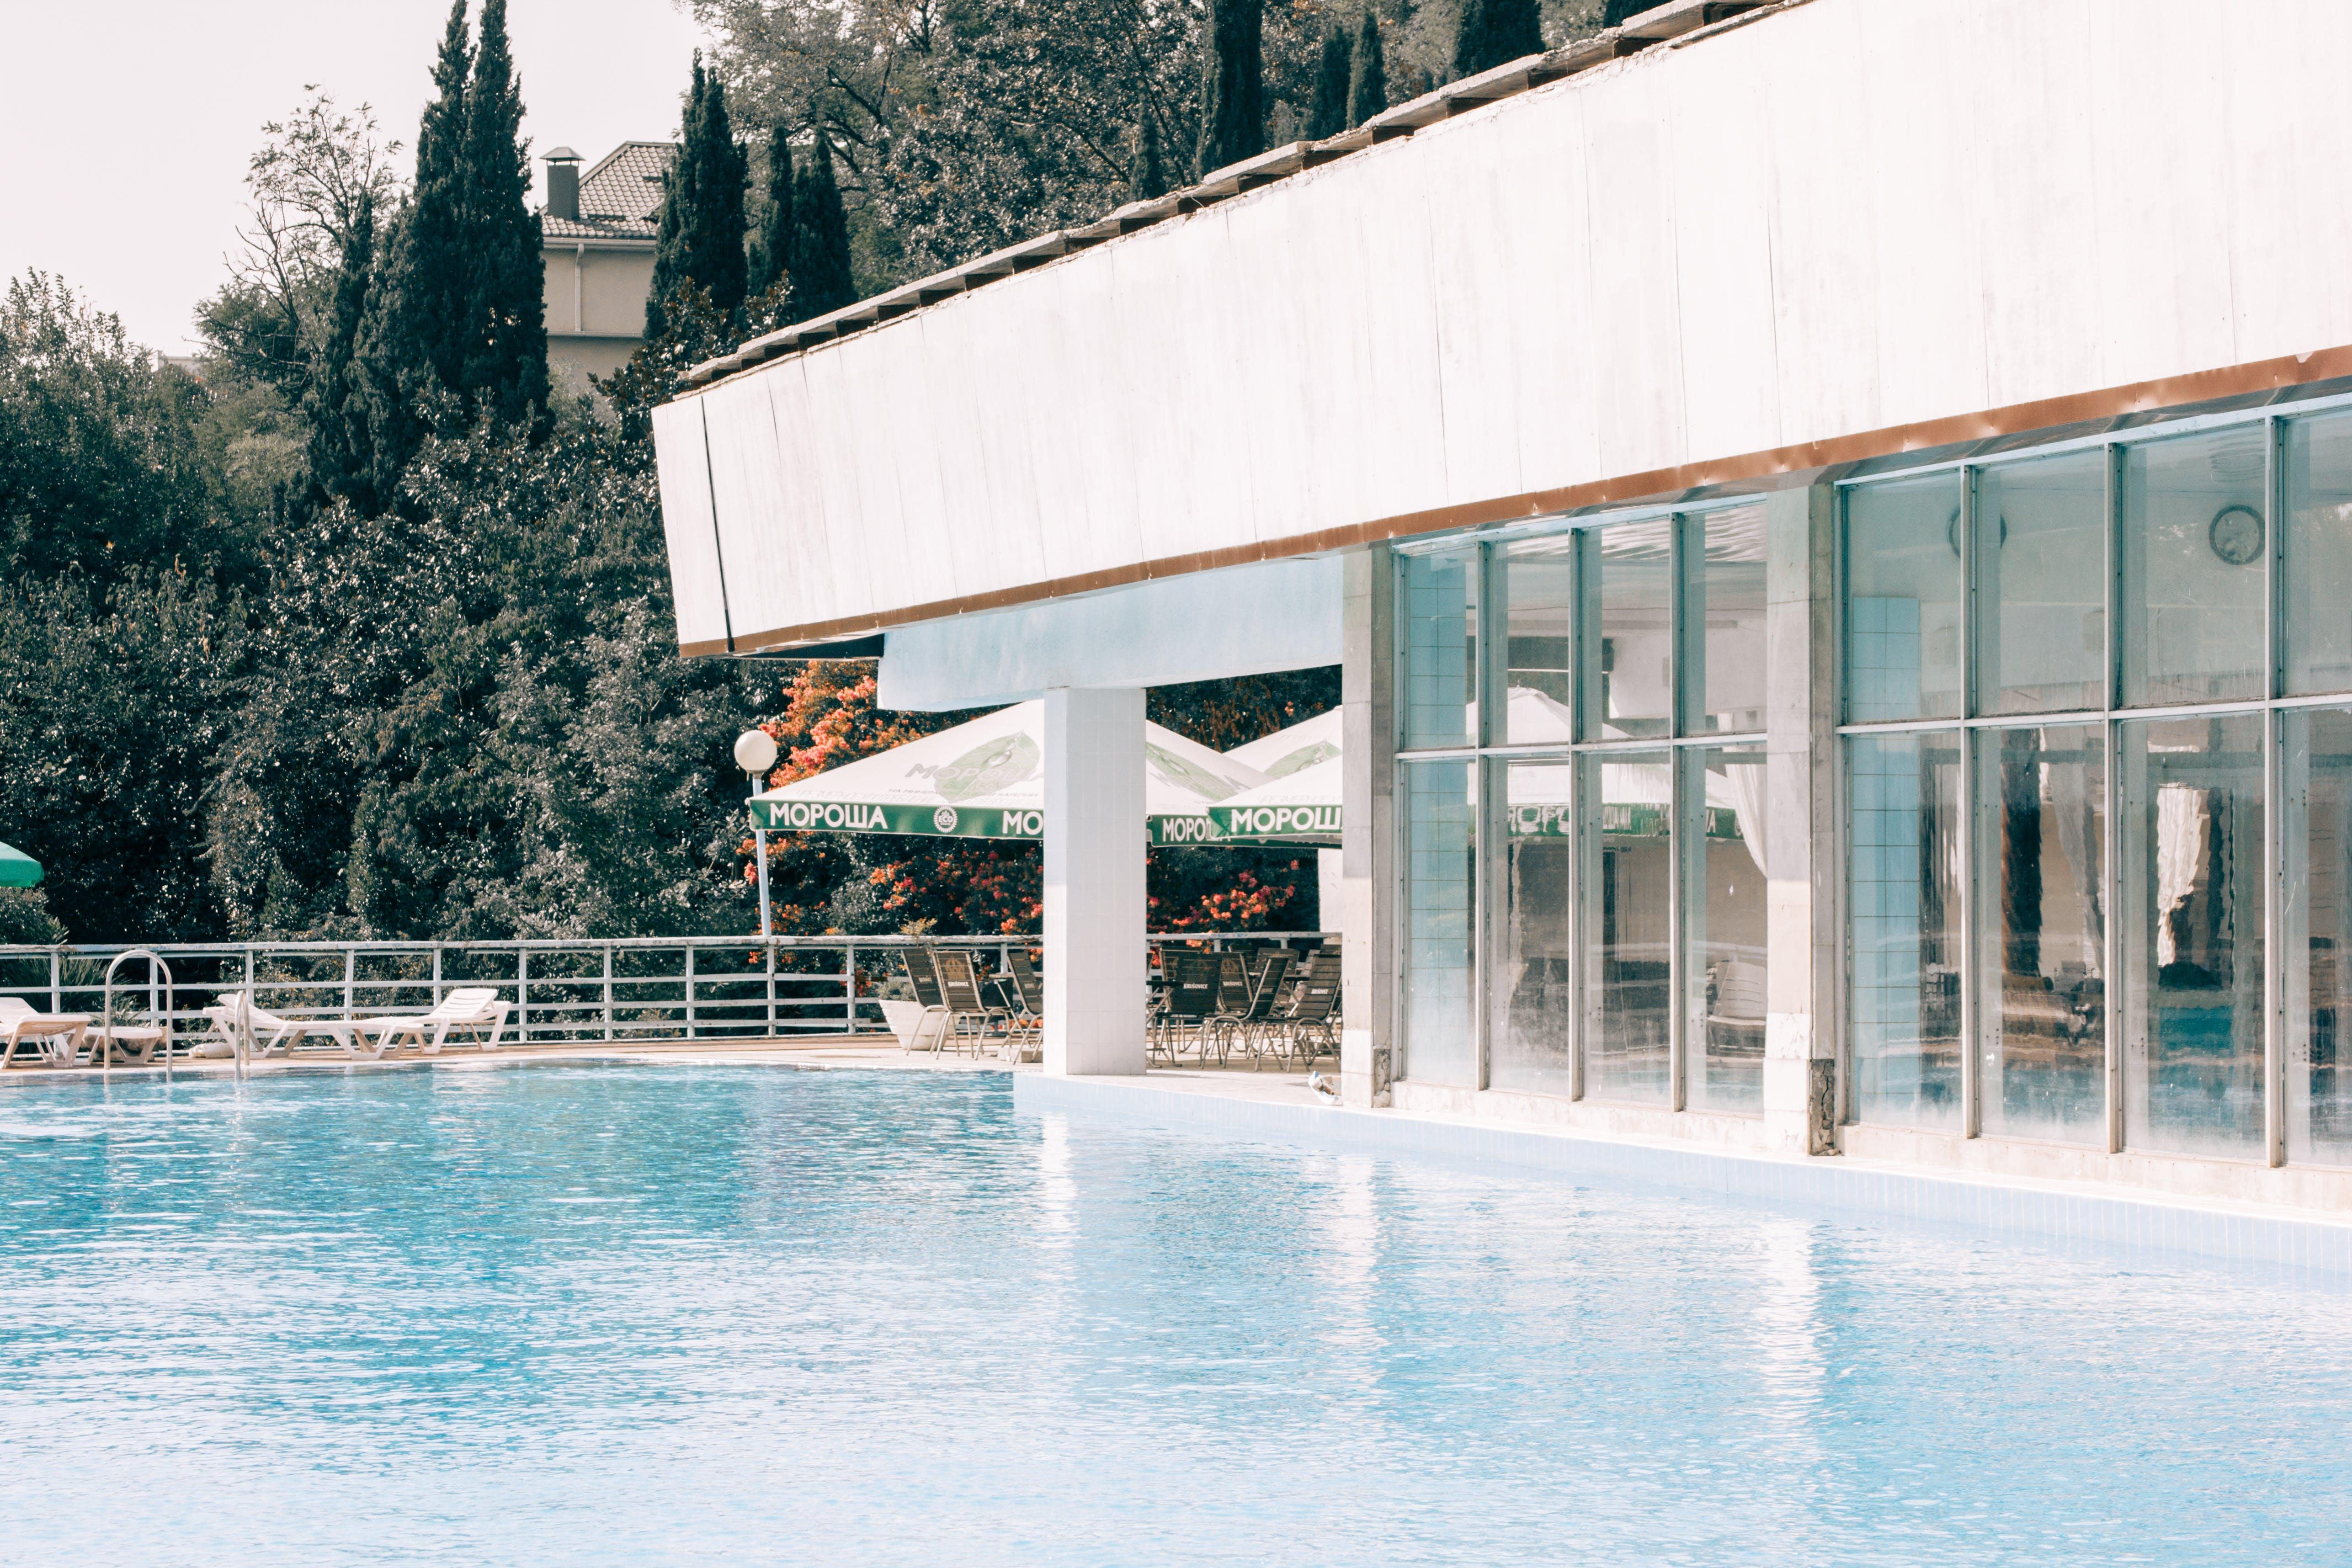 Foto stok gratis air, Arsitektur, bangunan, di tepi kolam renang